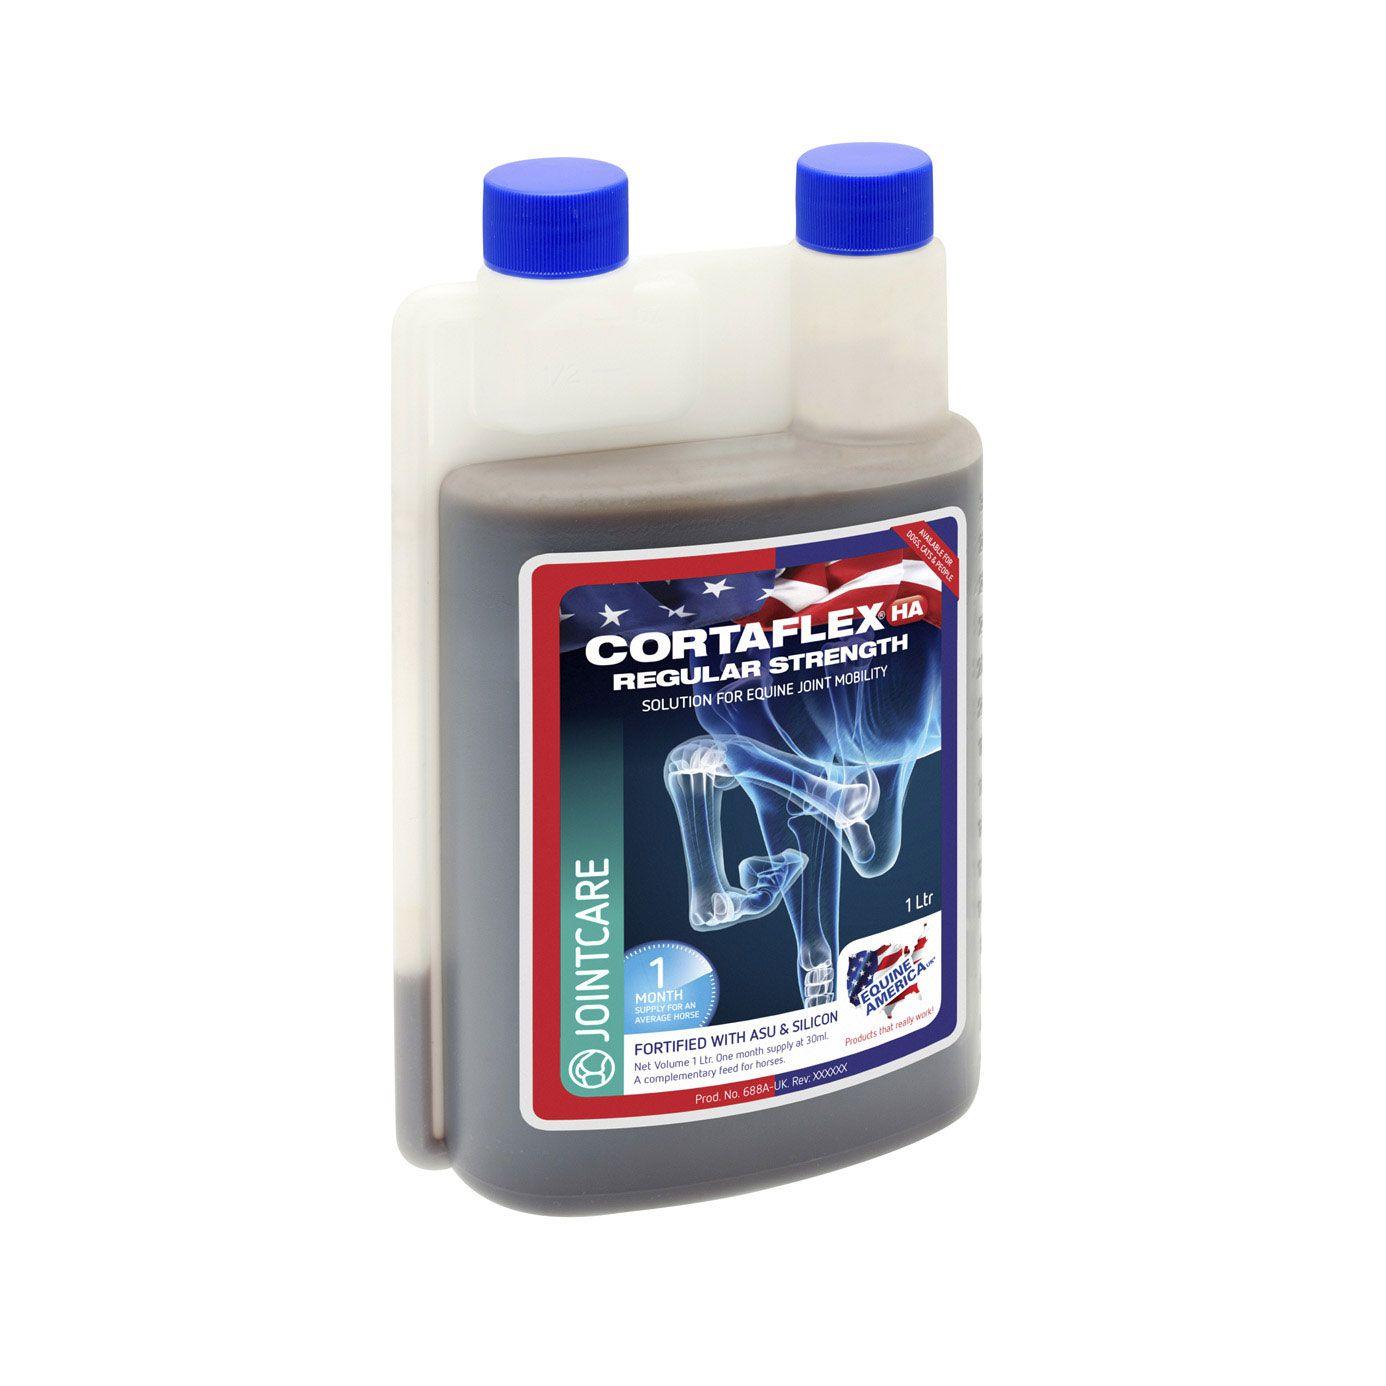 Supplements Gt Cortaflex Ha Regular Solution Equiport